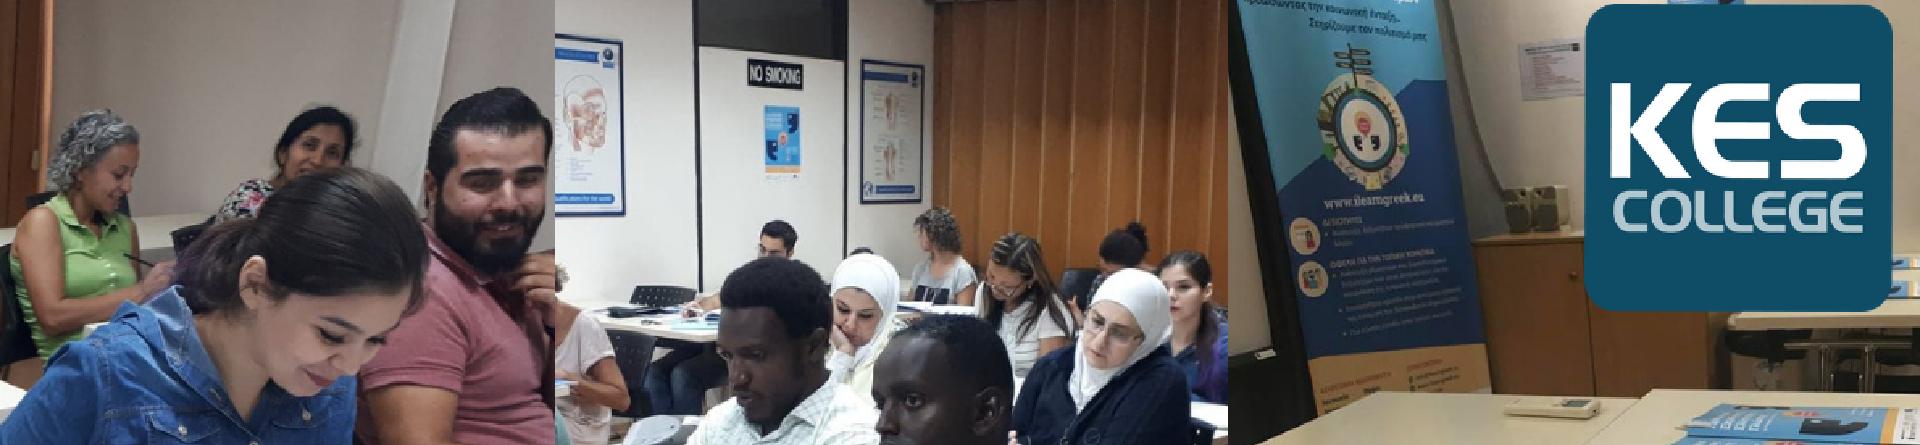 Επανέναρξη μαθημάτων «Δωρεάν Εκμάθηση Ελληνικής Γλώσσας σε Υπηκόους Τρίτων Χωρών»